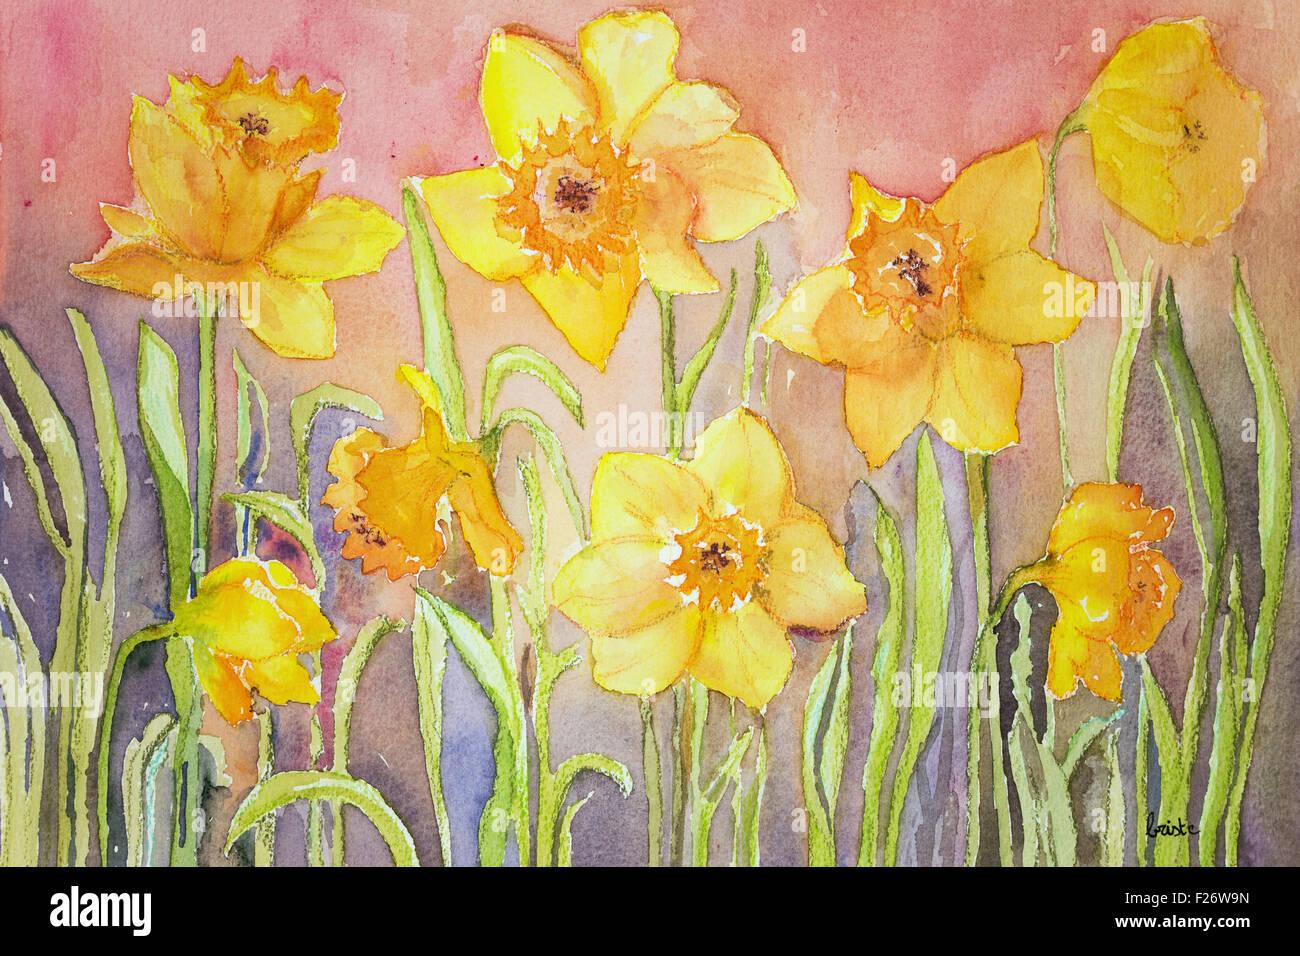 Narcisse jaune dans un environnement d'herbe. la touche technique donne un effet de flou en raison de la modification Photo Stock